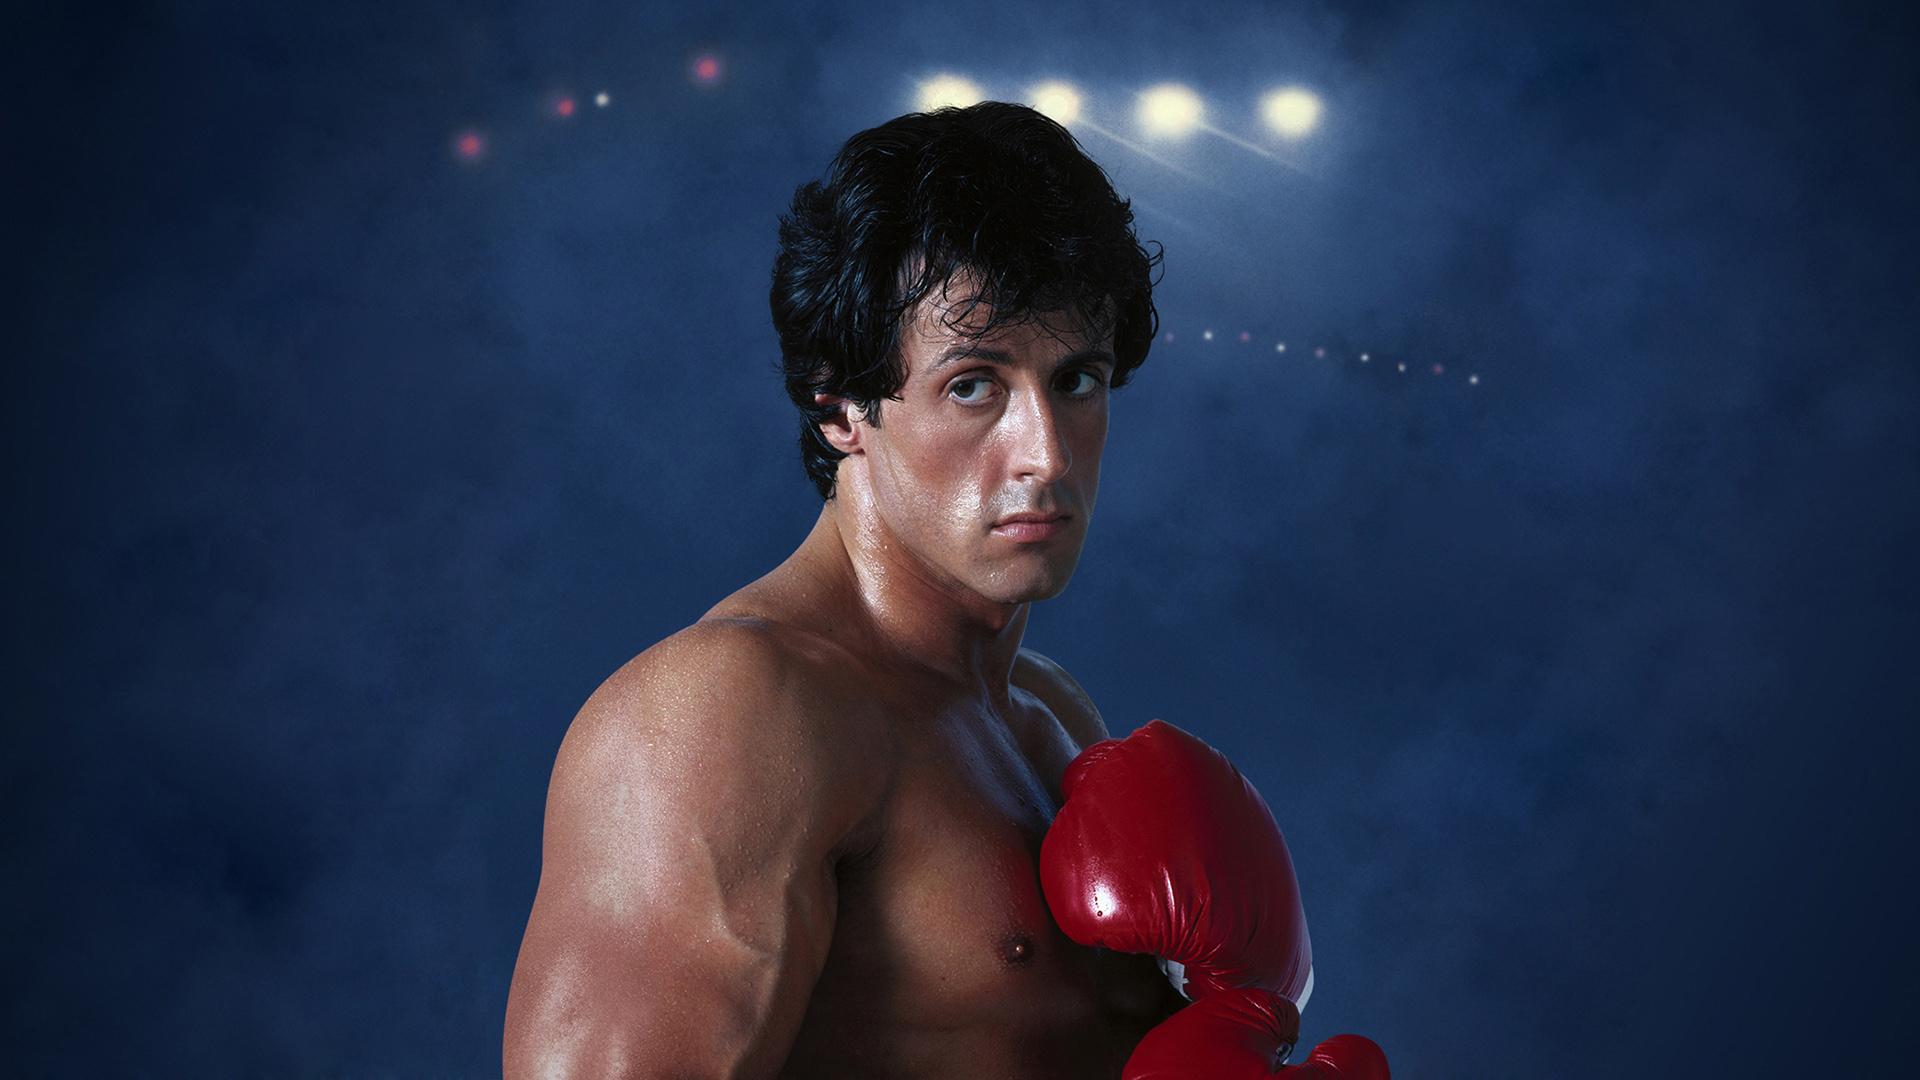 Иван драго – советский непобедимый боксер из фильма «рокки». родина любила его, только когда он побеждал, а потом все забрала